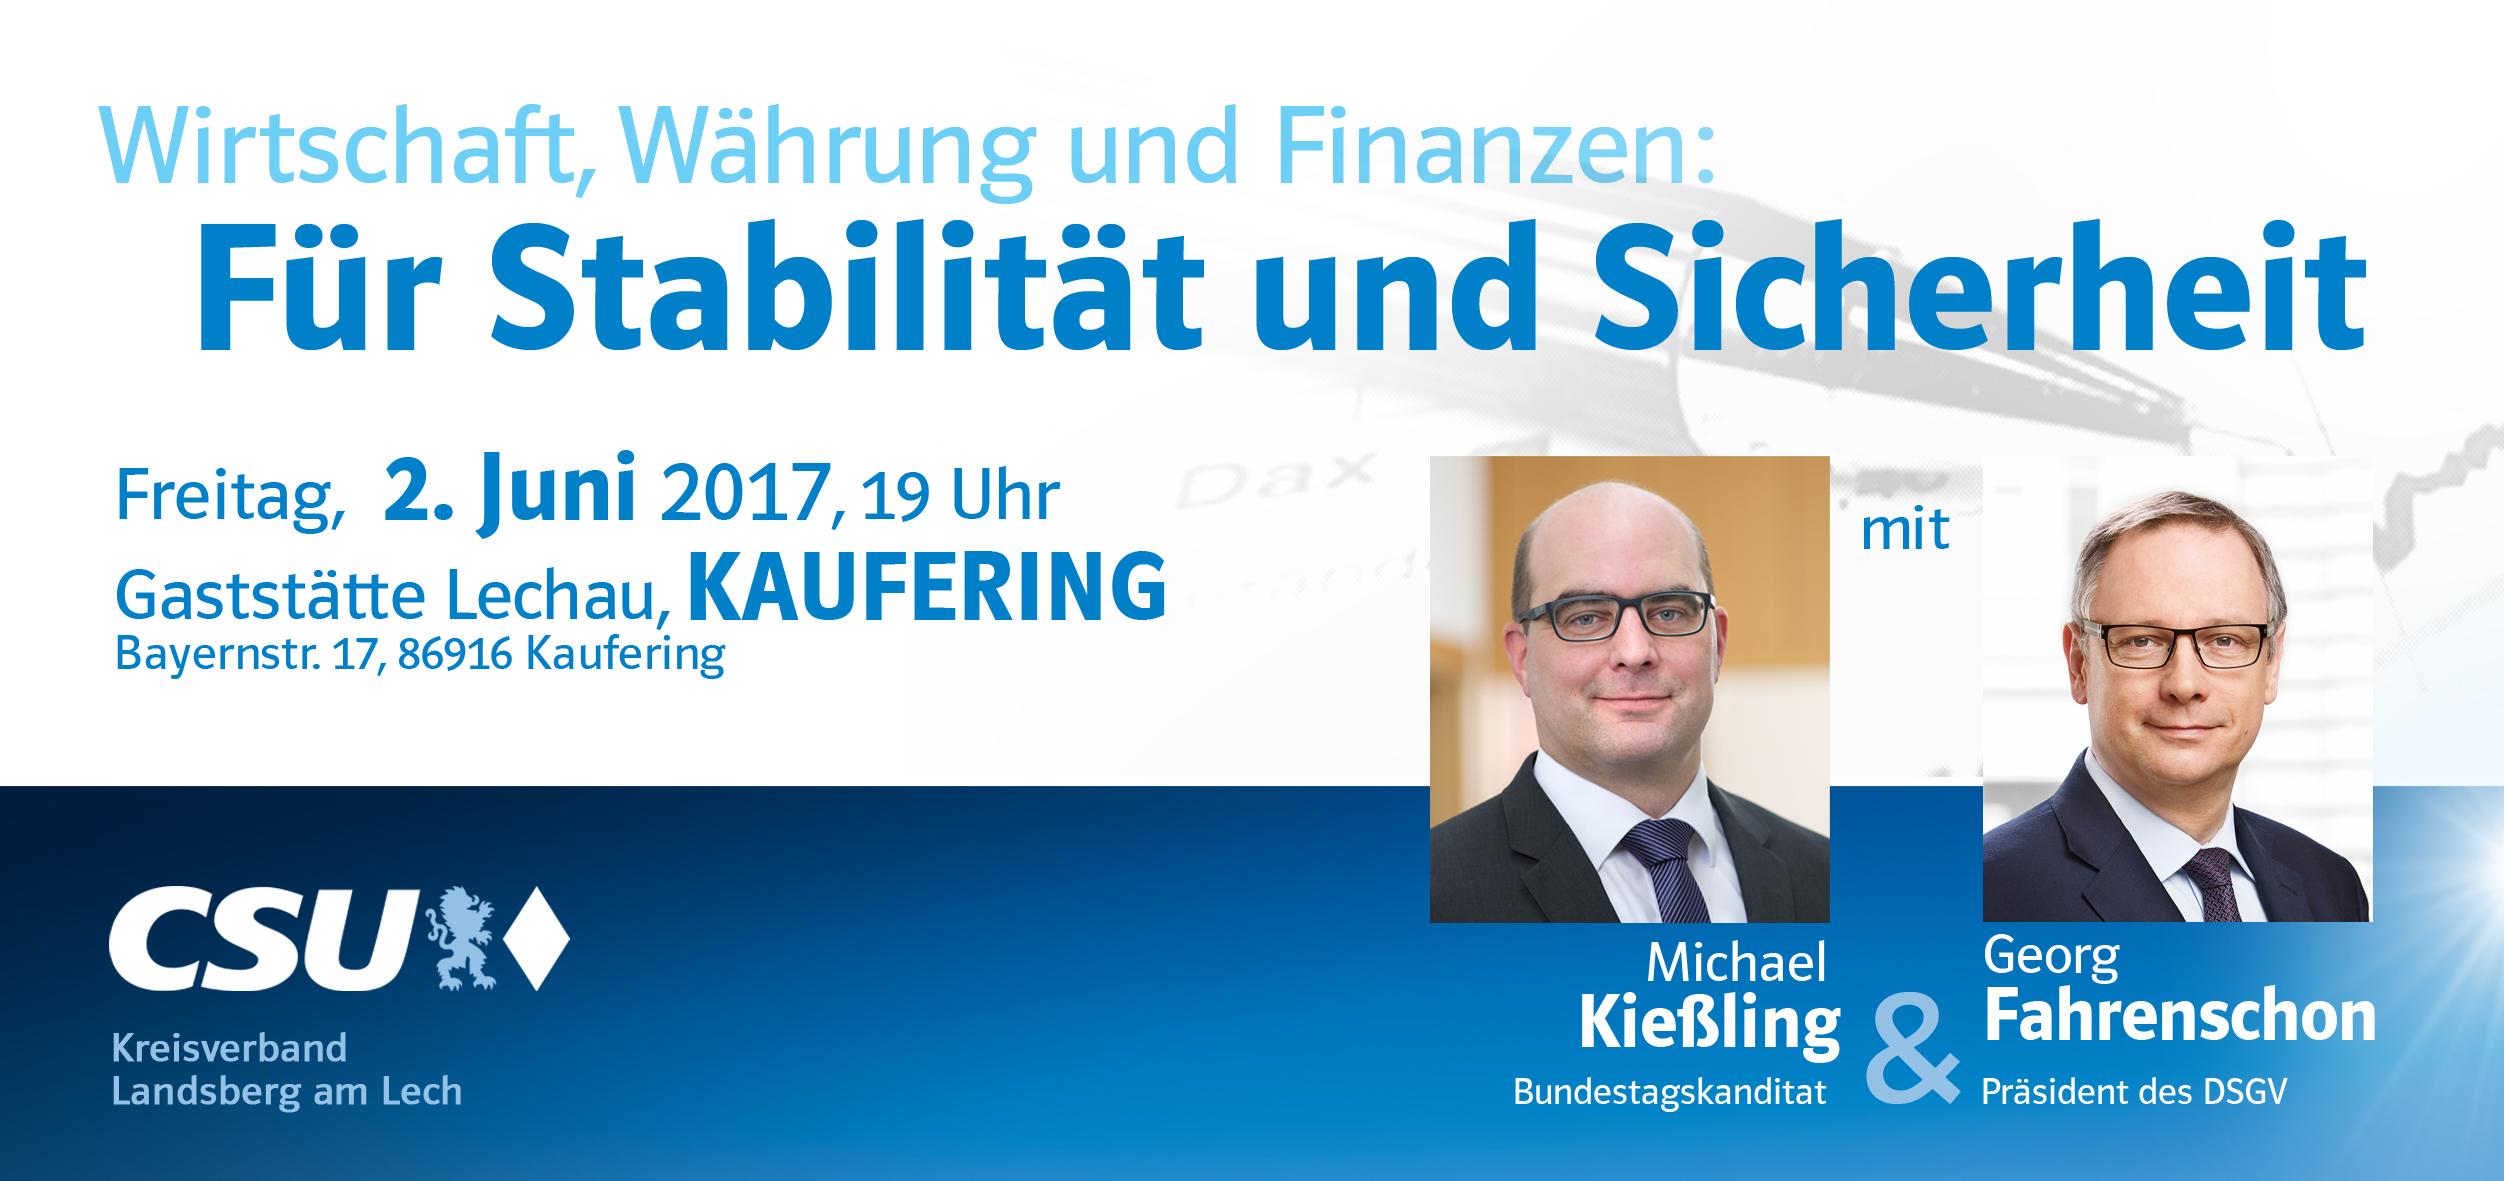 Für Stabilität und Sicherheit - Diskussion mit Georg Fahrenschon & Michael Kießling @ Gaststätte Lechau, Kaufering | Kaufering | Bayern | Deutschland